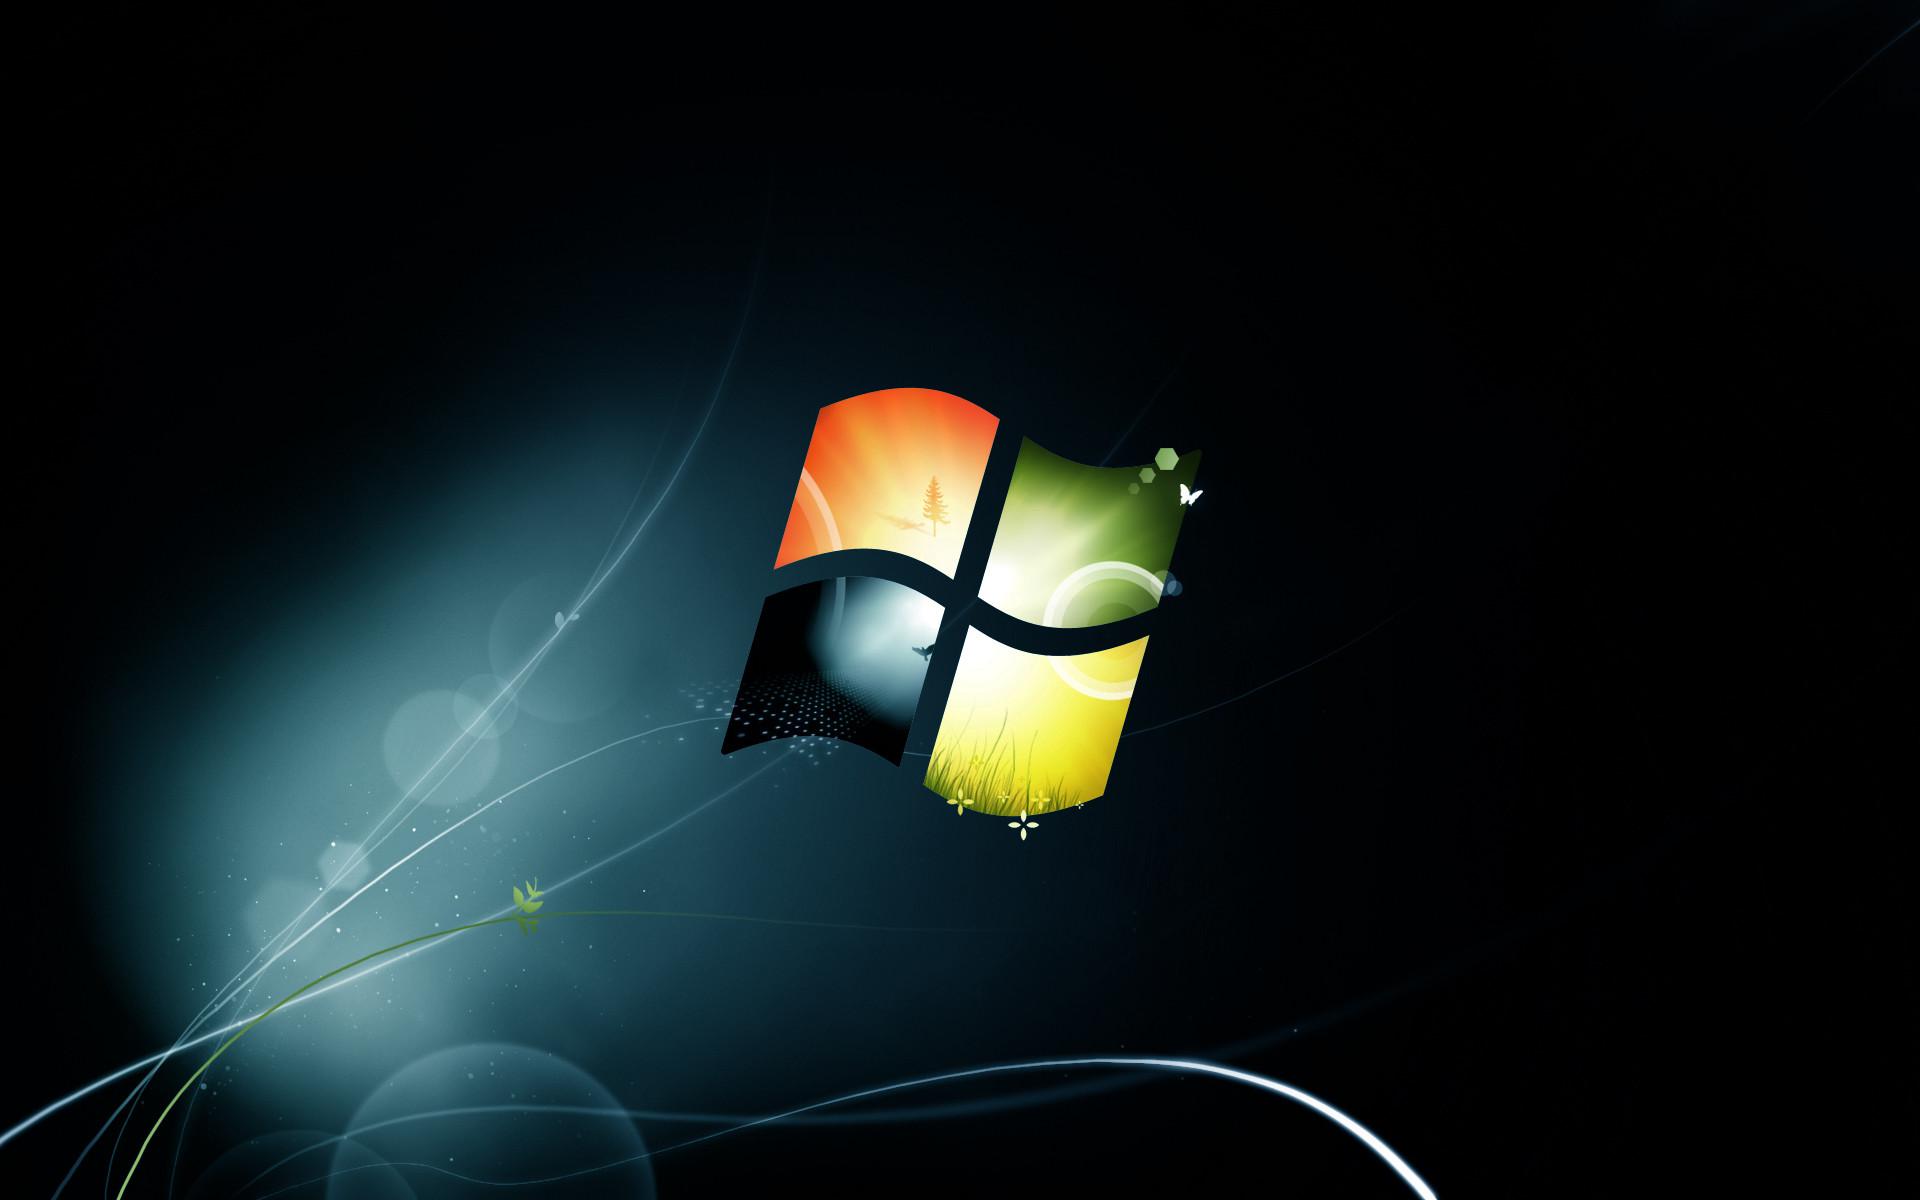 Windows 7 Wallpaper (72+ immagini)